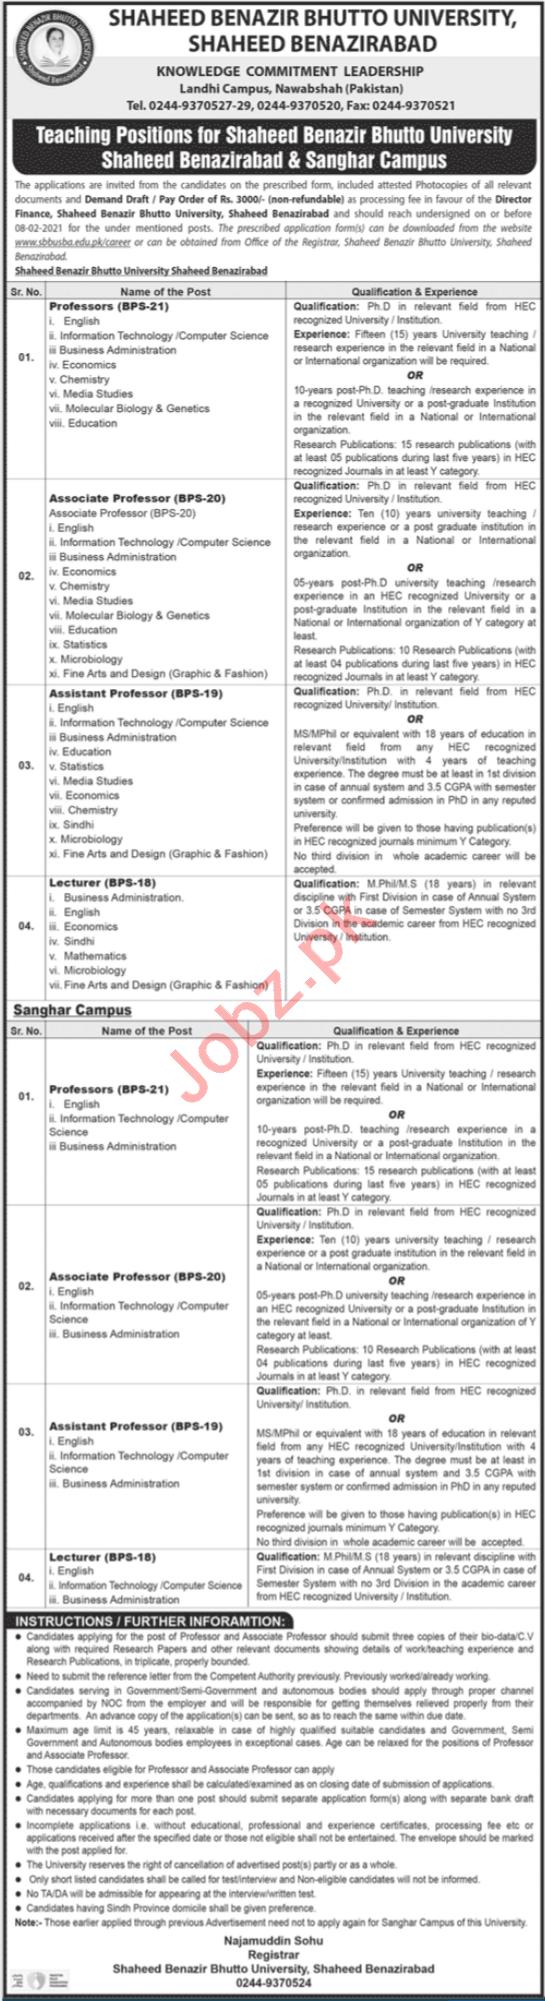 Shaheed Benazir Bhutto University Teaching Staff Jobs 2021